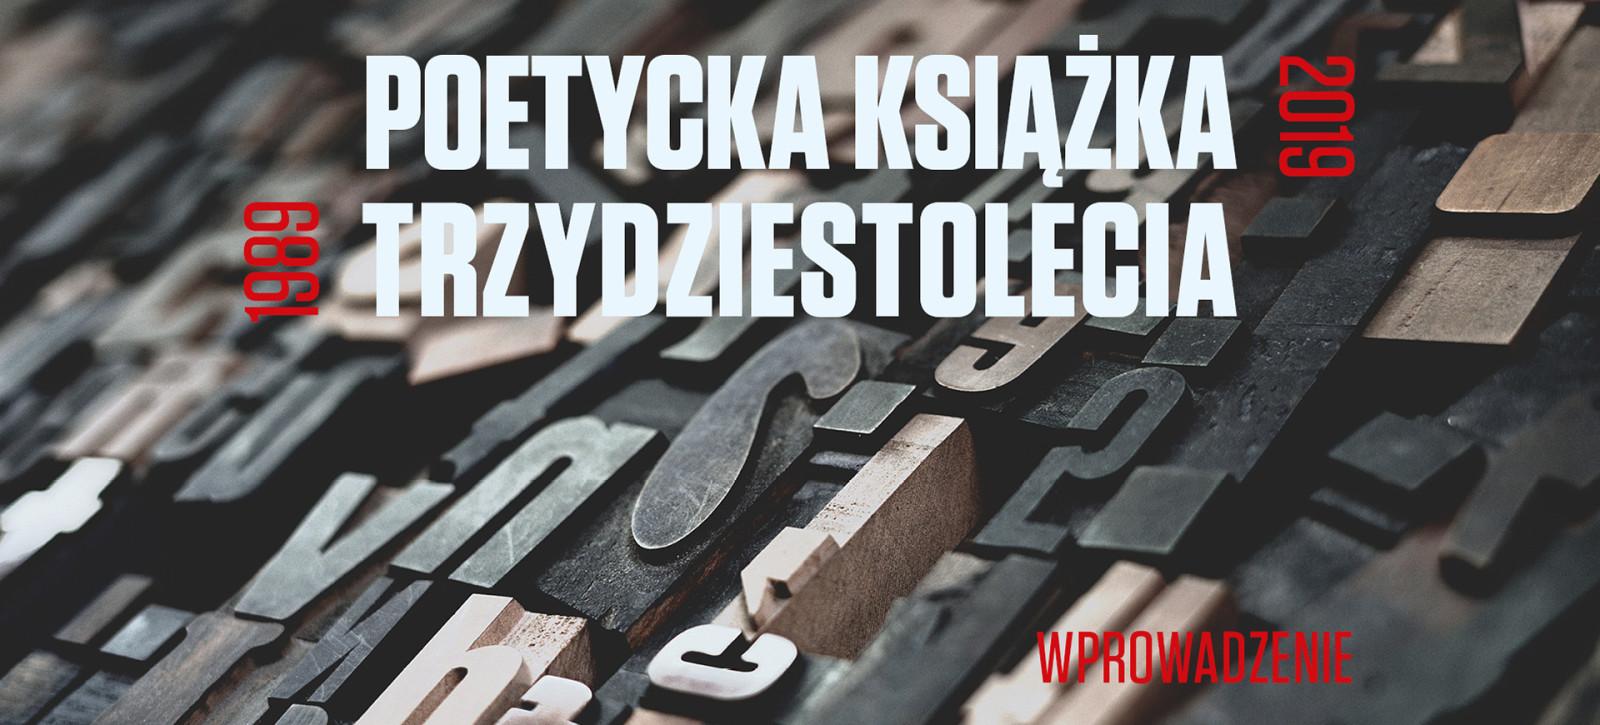 15_DEBATY__REDAKCJA__Poetycka książka trzydziestolecia